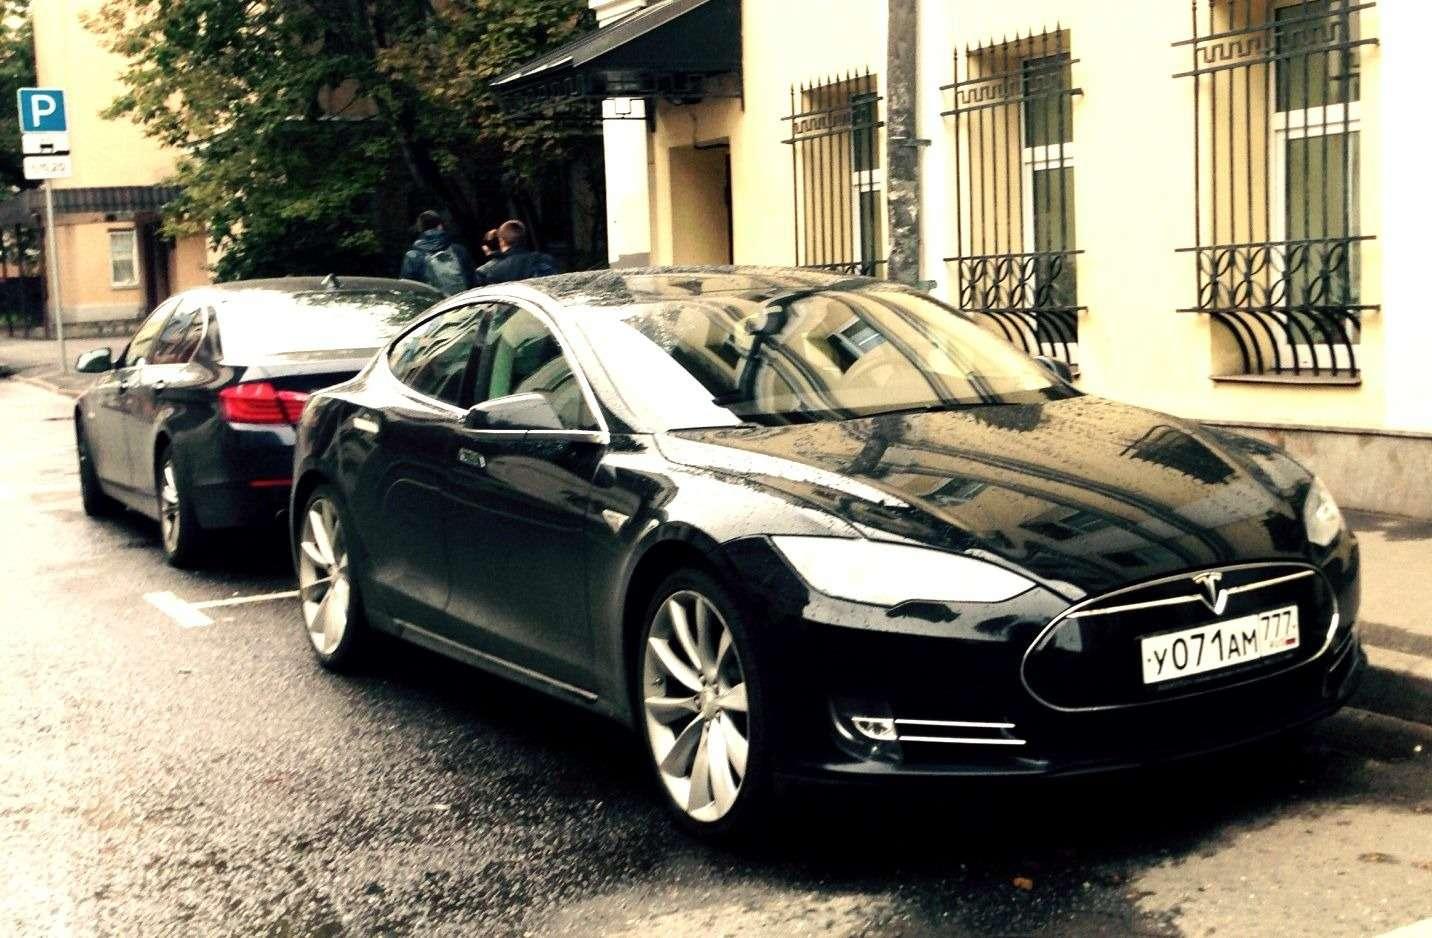 Недоэкологии: нарынке электромобилей наступил блэкаут— фото 581727